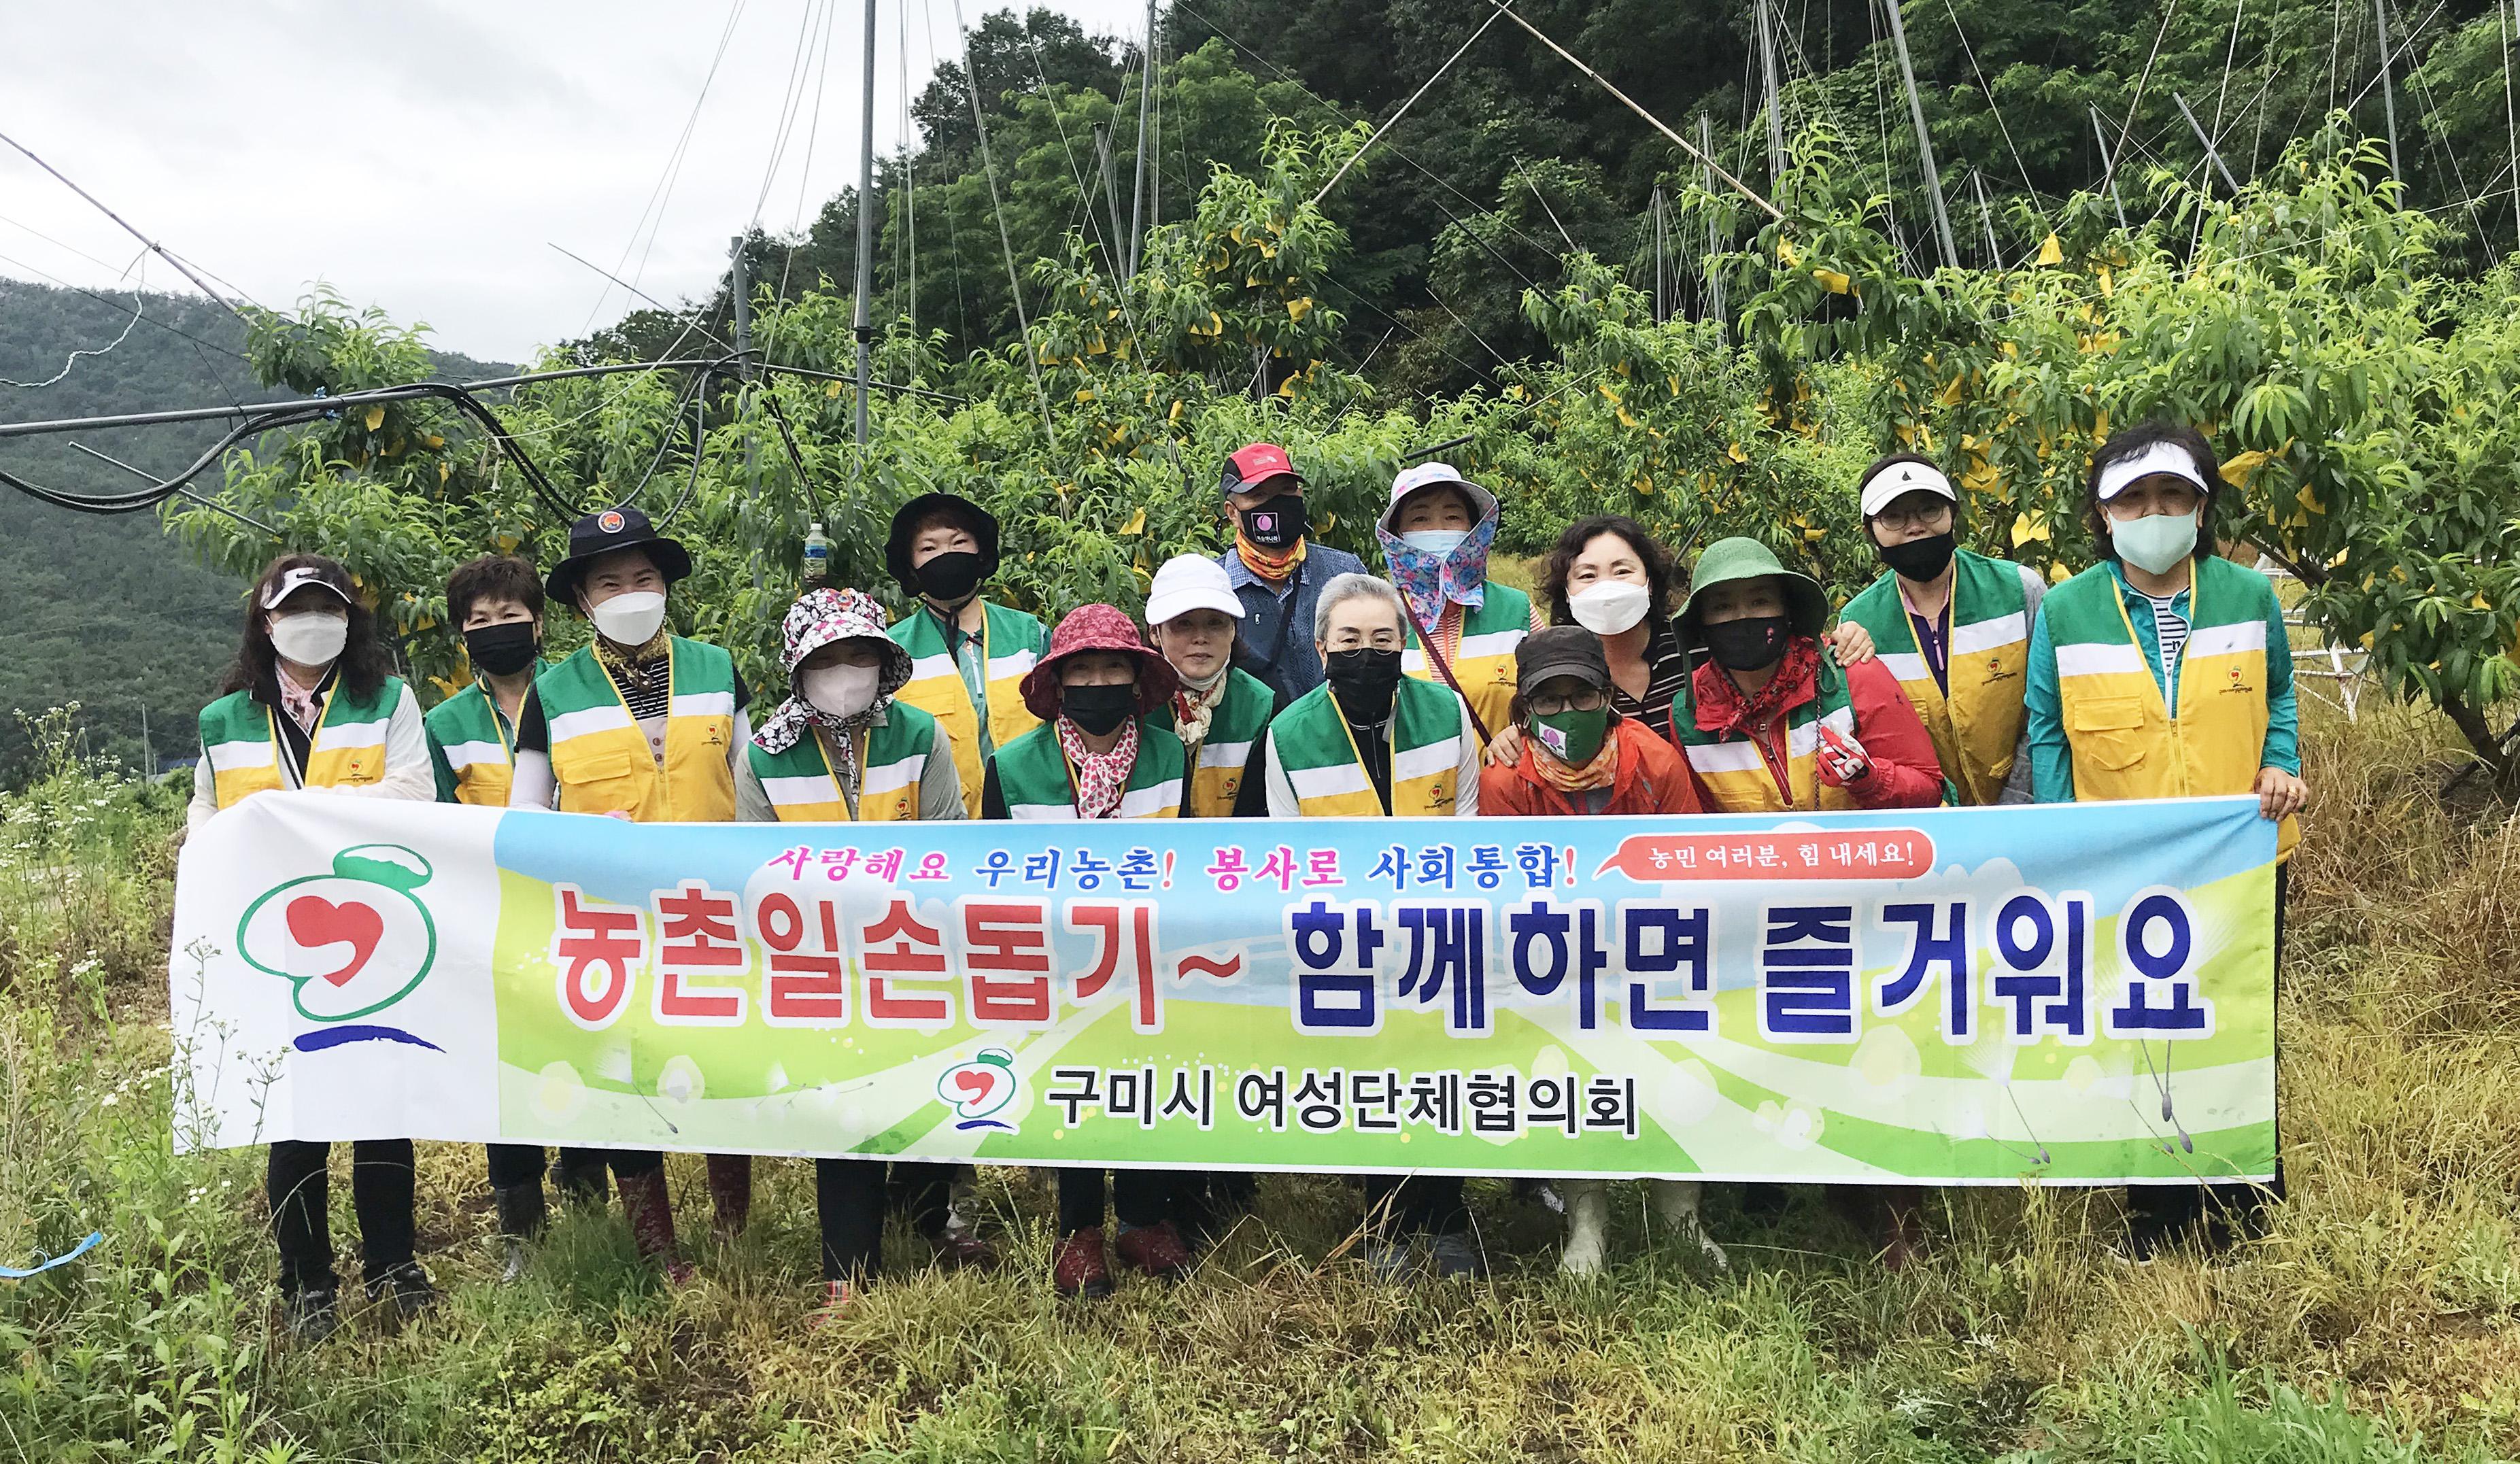 구미시여성단체협의회, 농번기 맞아 농촌 일손돕기 구슬땀 흘려!